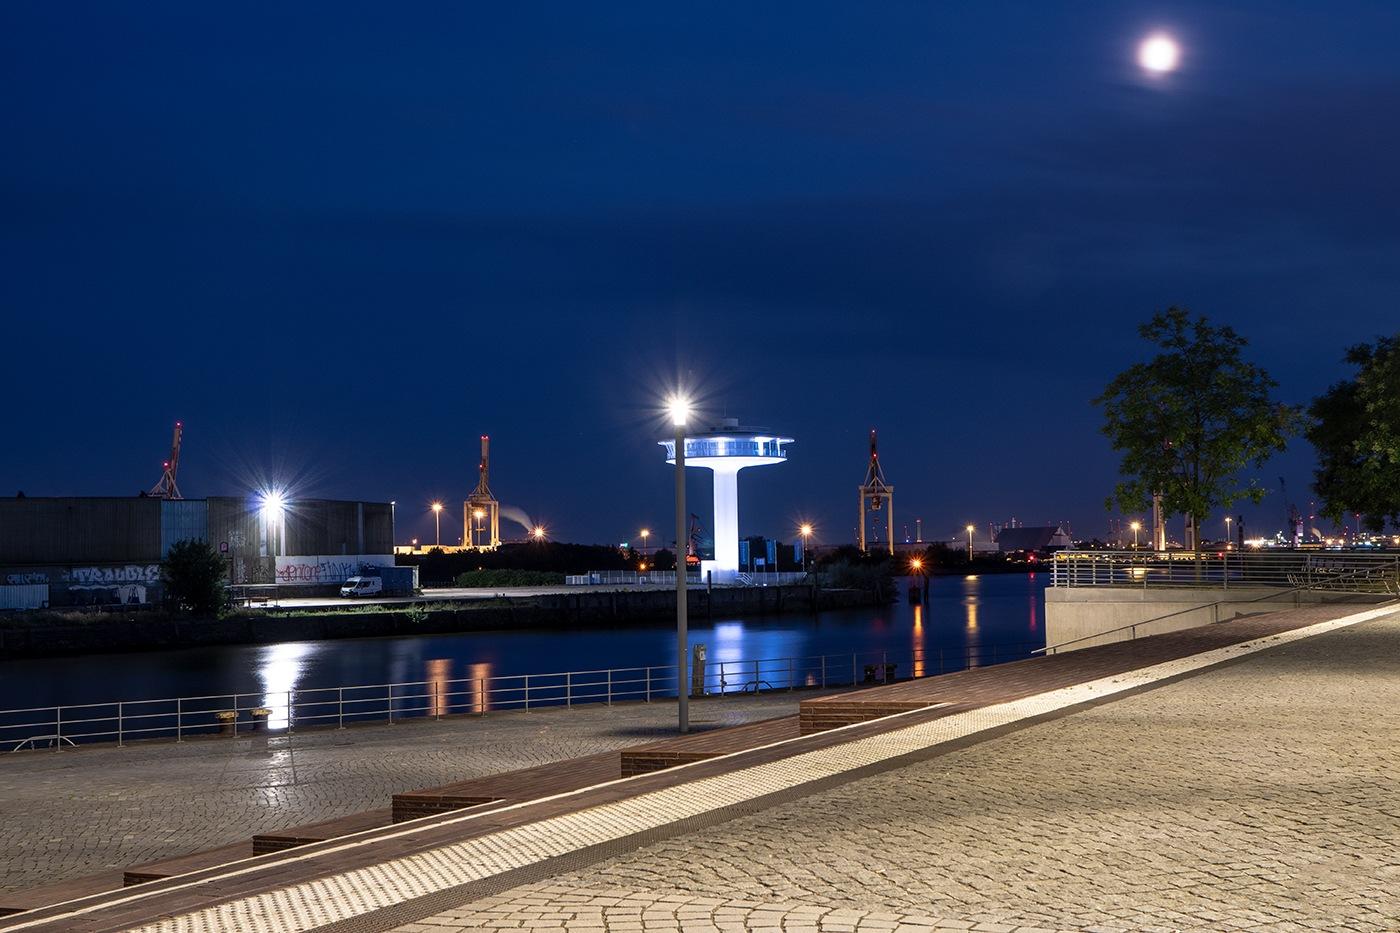 Am Baakenhafen by Michael Krämer